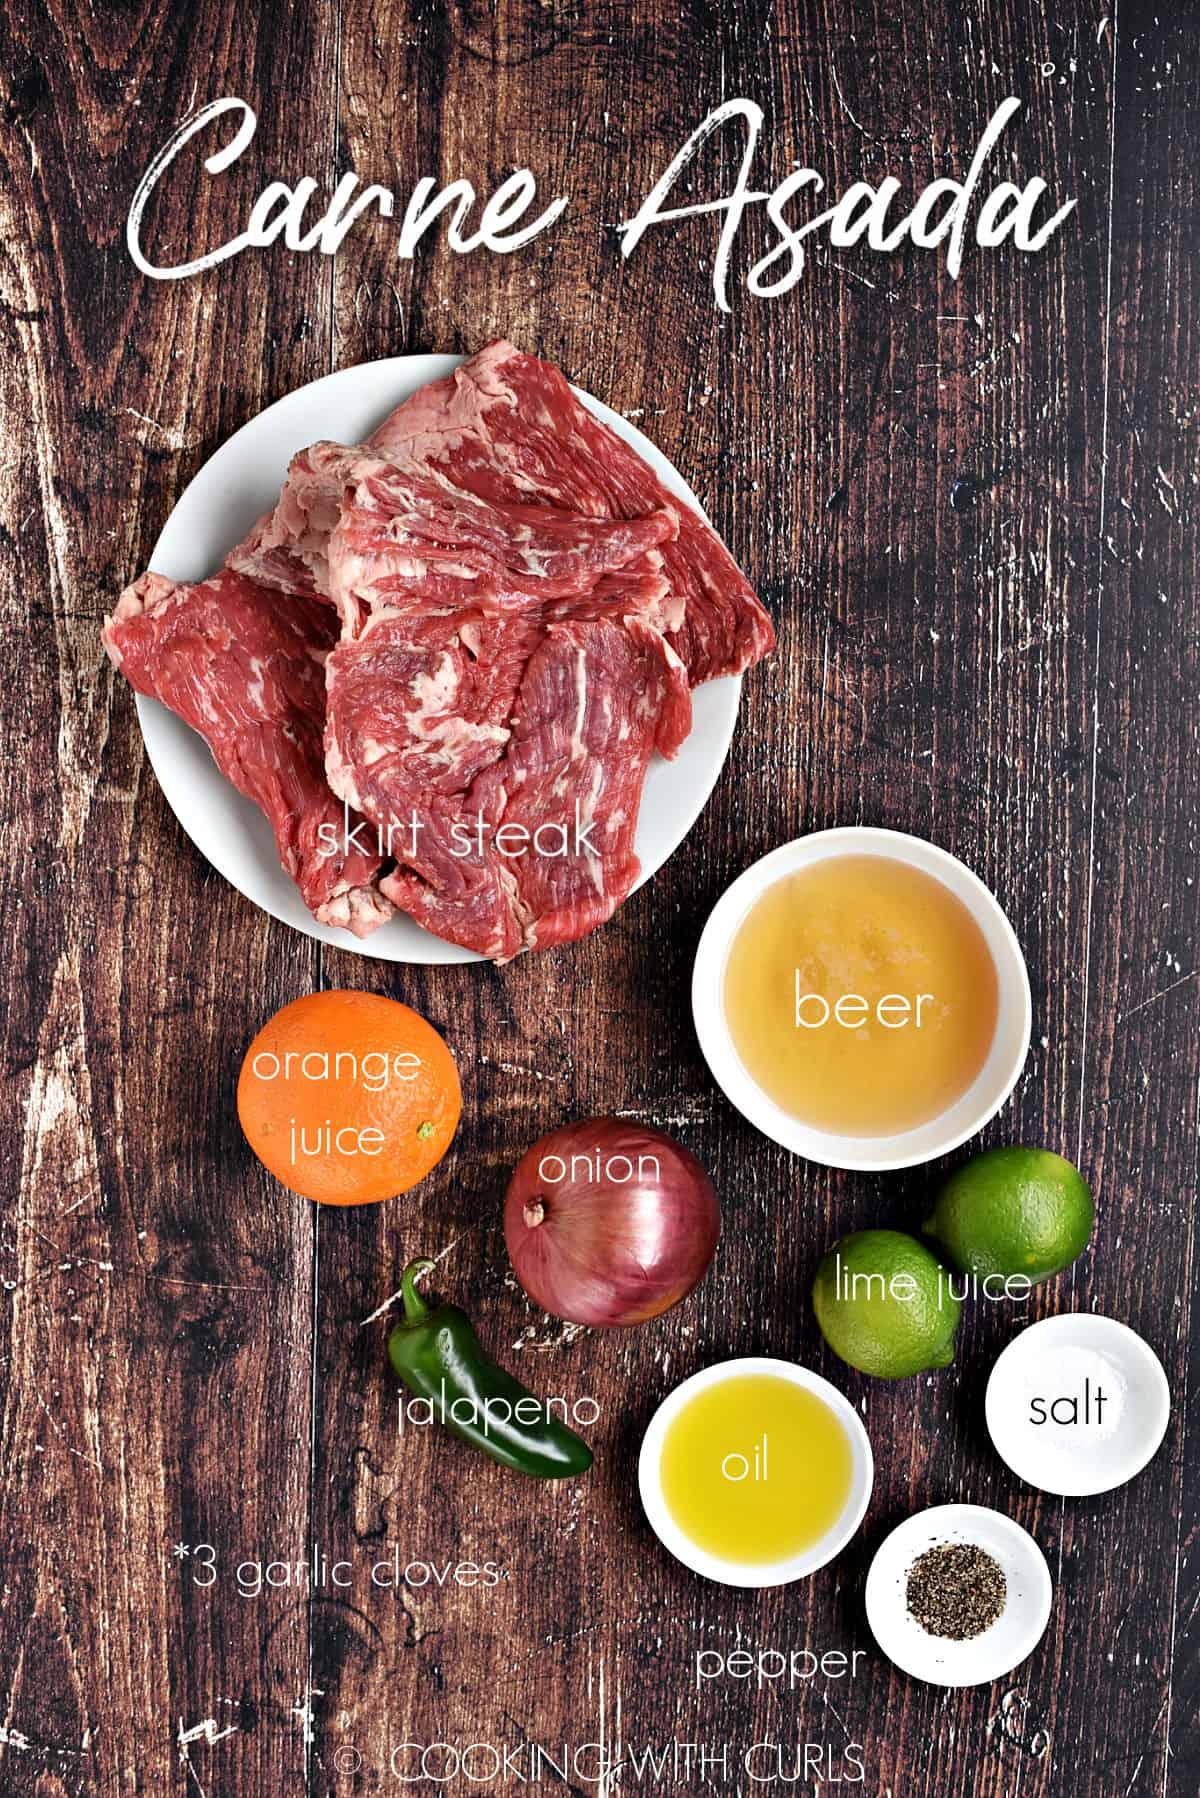 Carne Asada ingredients.